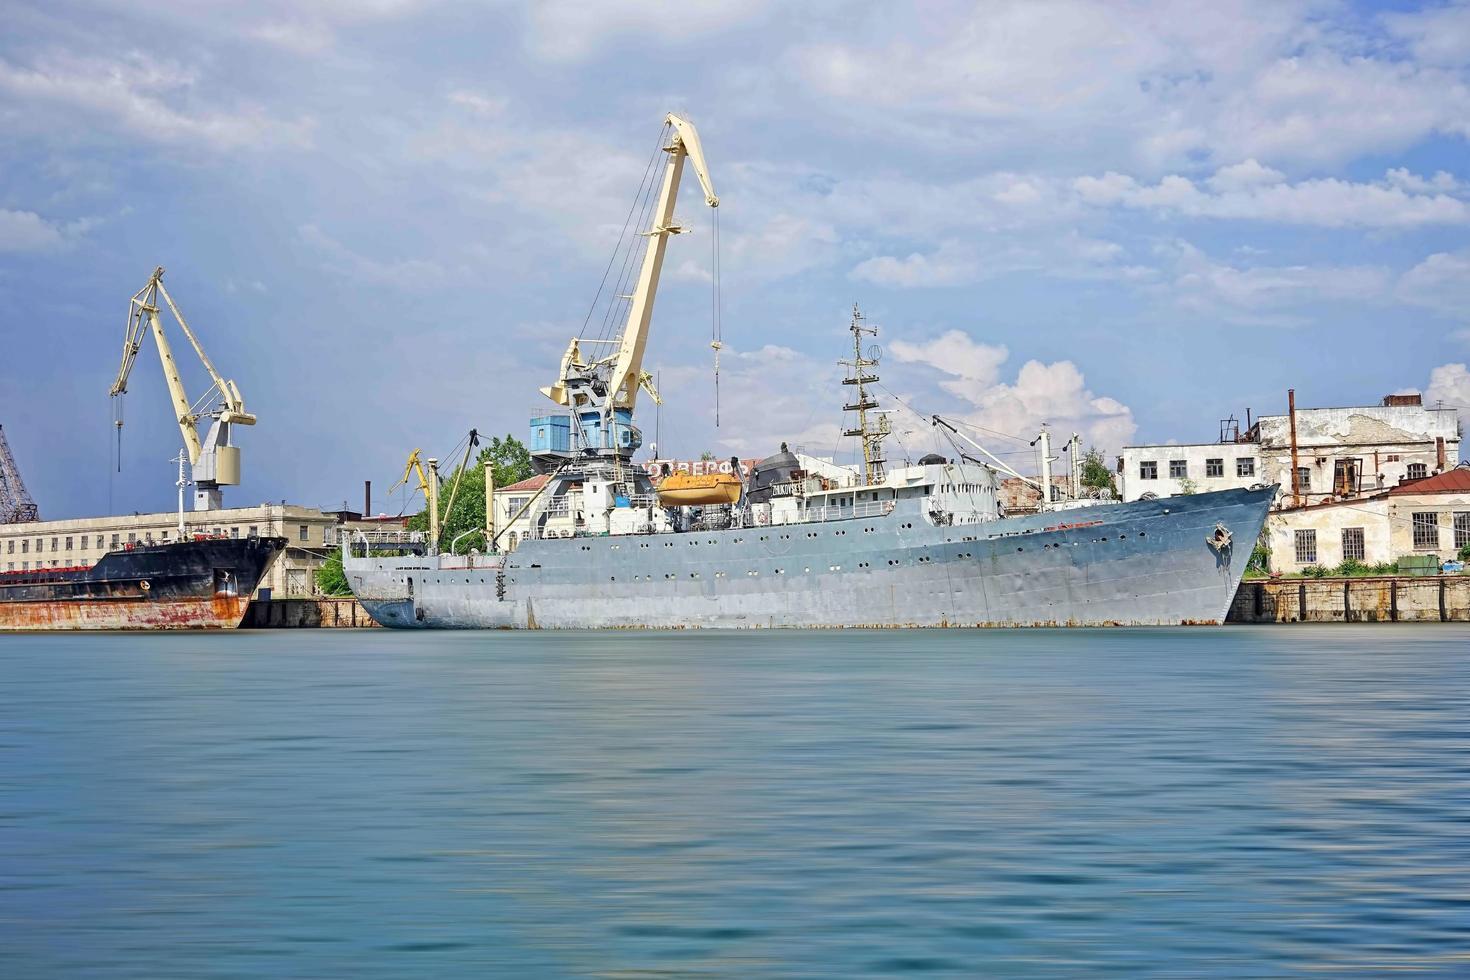 paesaggio marino con una nave nella baia di Sebastopoli contro il cielo blu. foto